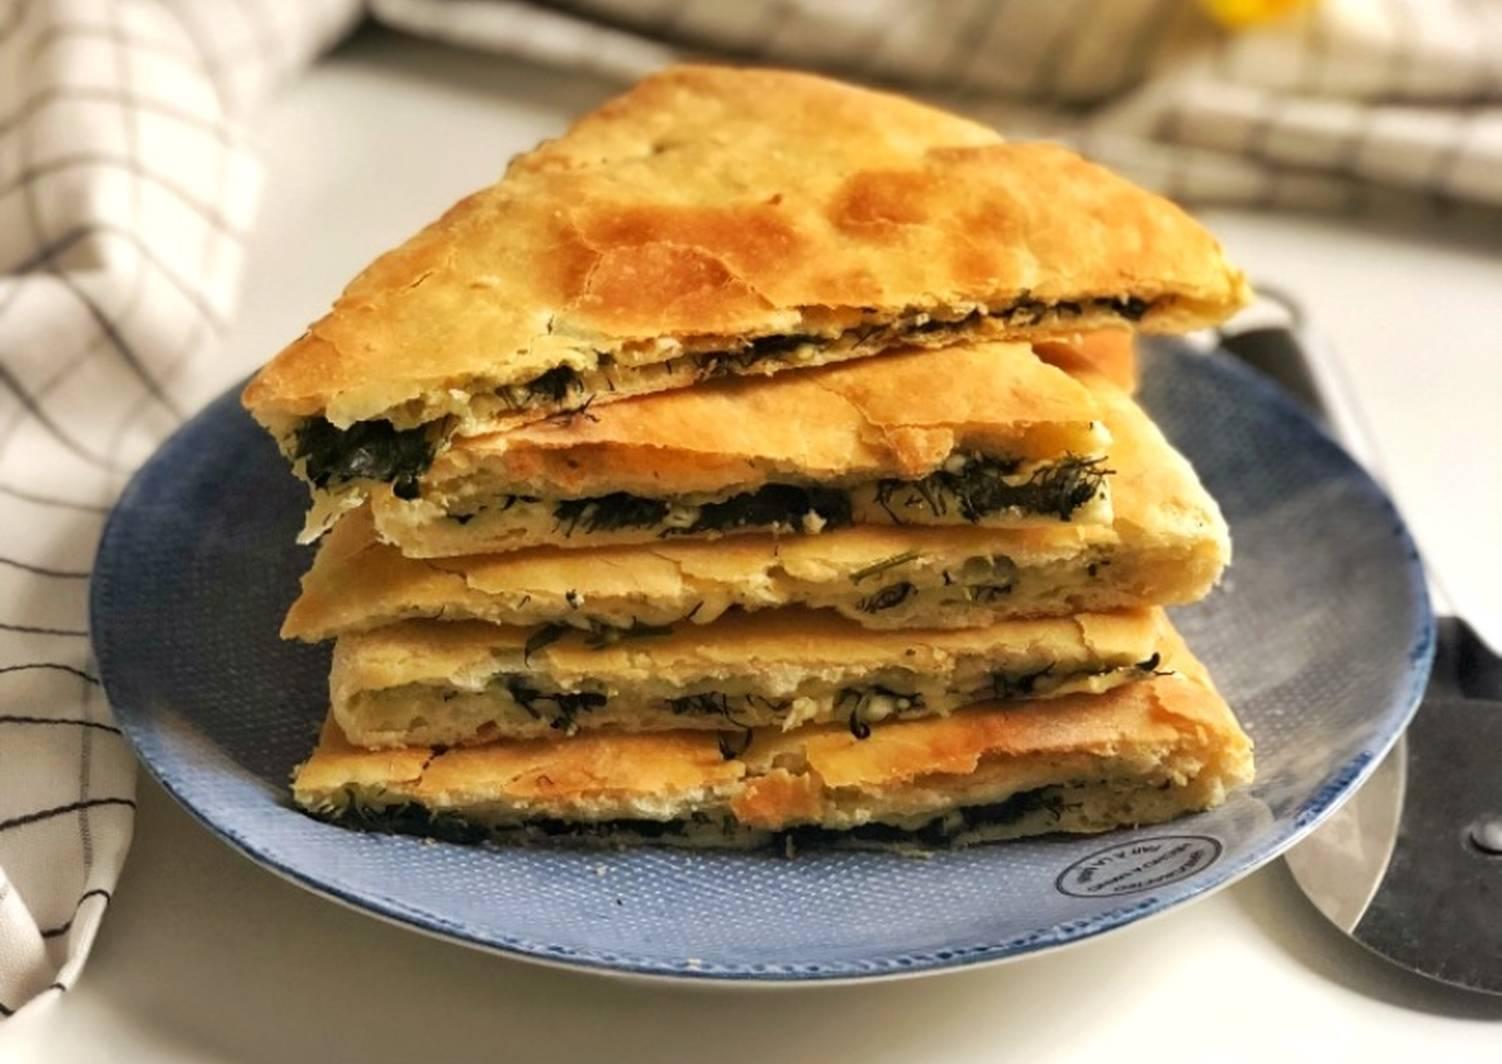 теплых блюда из пресного теста рецепты с фото высокая смотровая